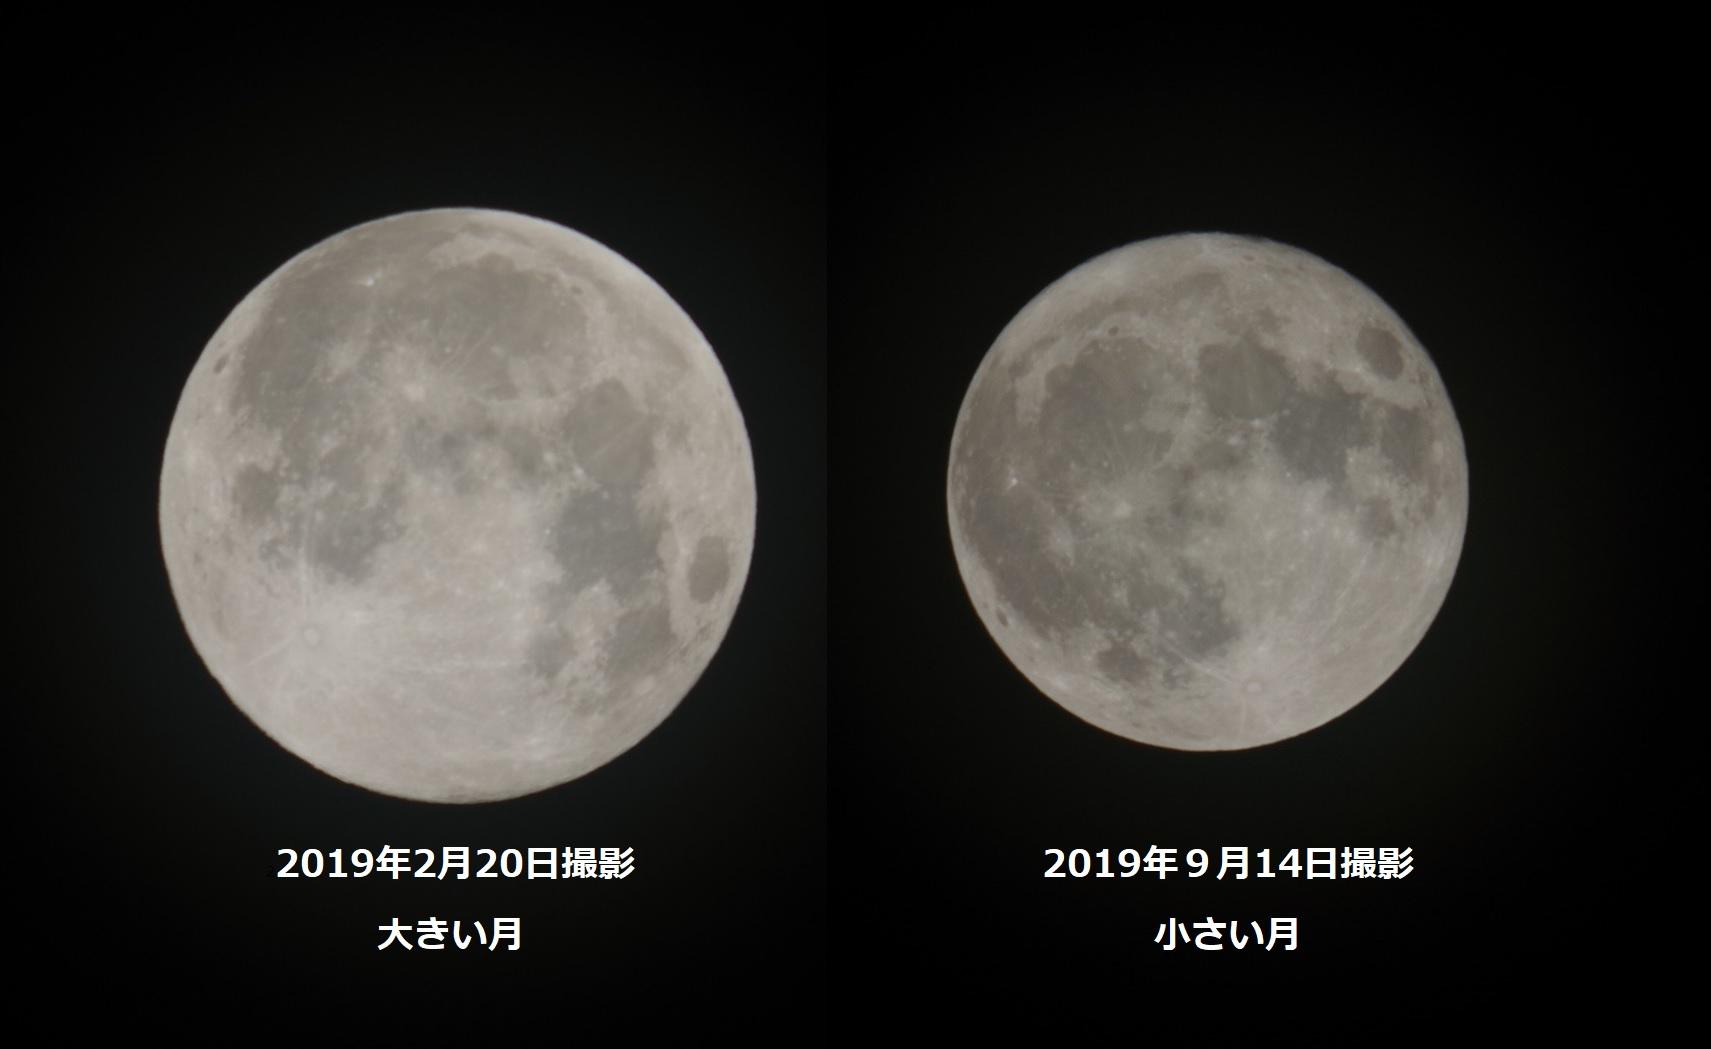 満月大小比較